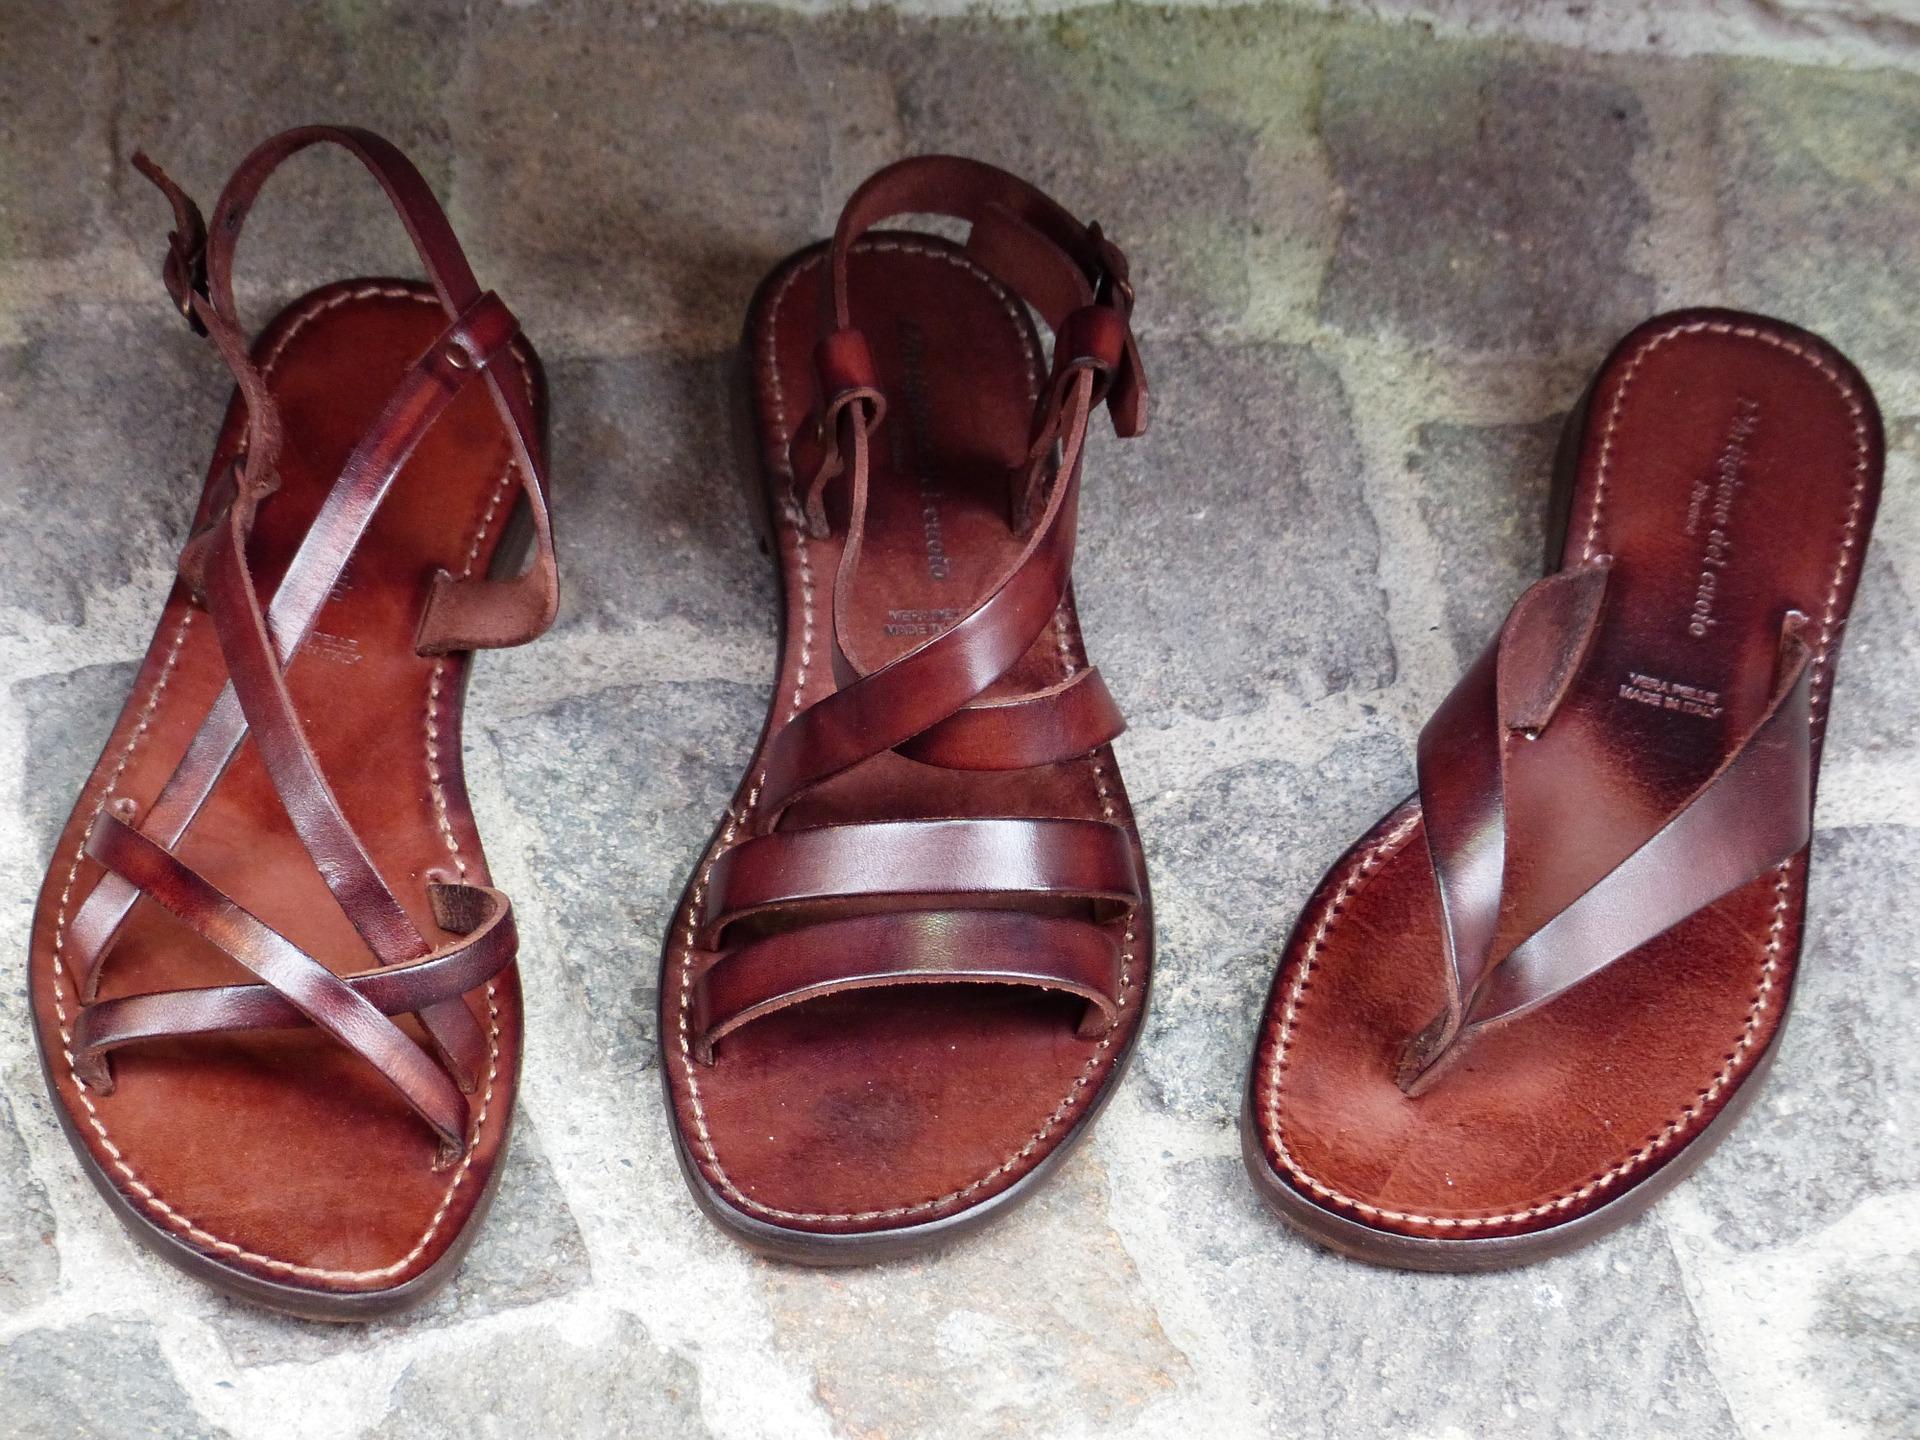 shoes-357897_1920